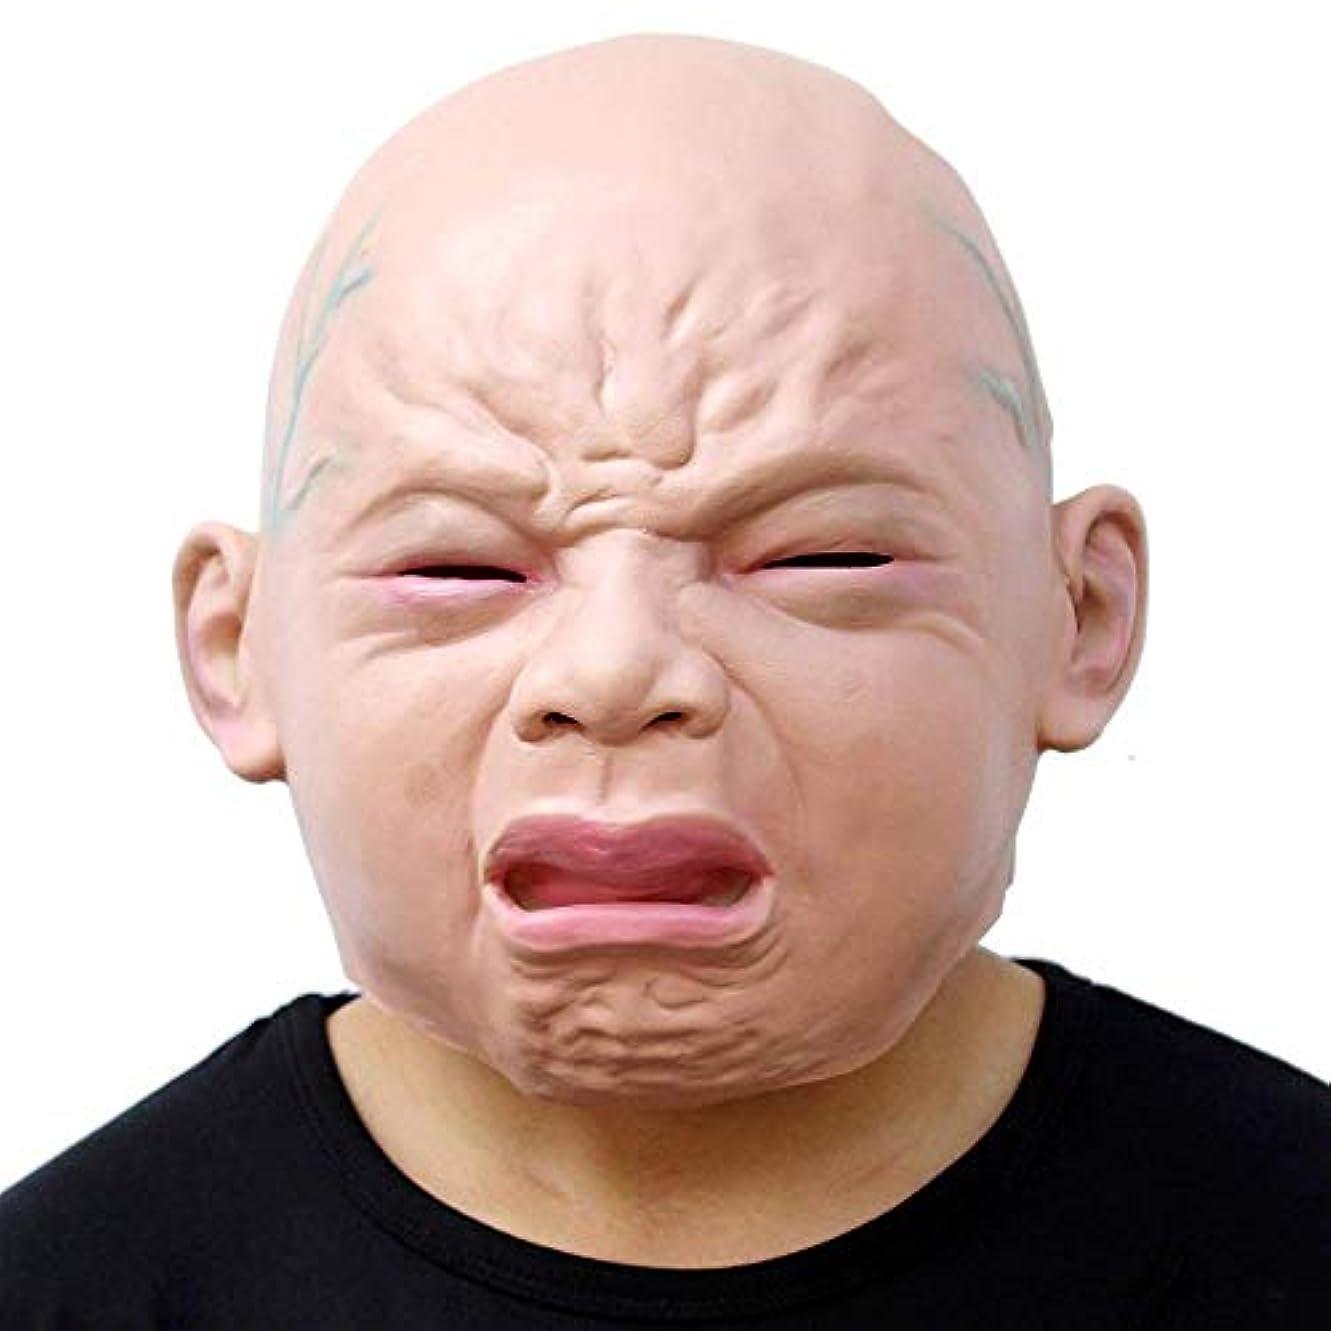 最初賛辞エールノベルティハロウィーンコスチュームパーティーラテックスヘッドマスク赤ちゃんの顔、パーティーホラーコスプレ衣装の小道具-泣いている赤ちゃん、大人の子